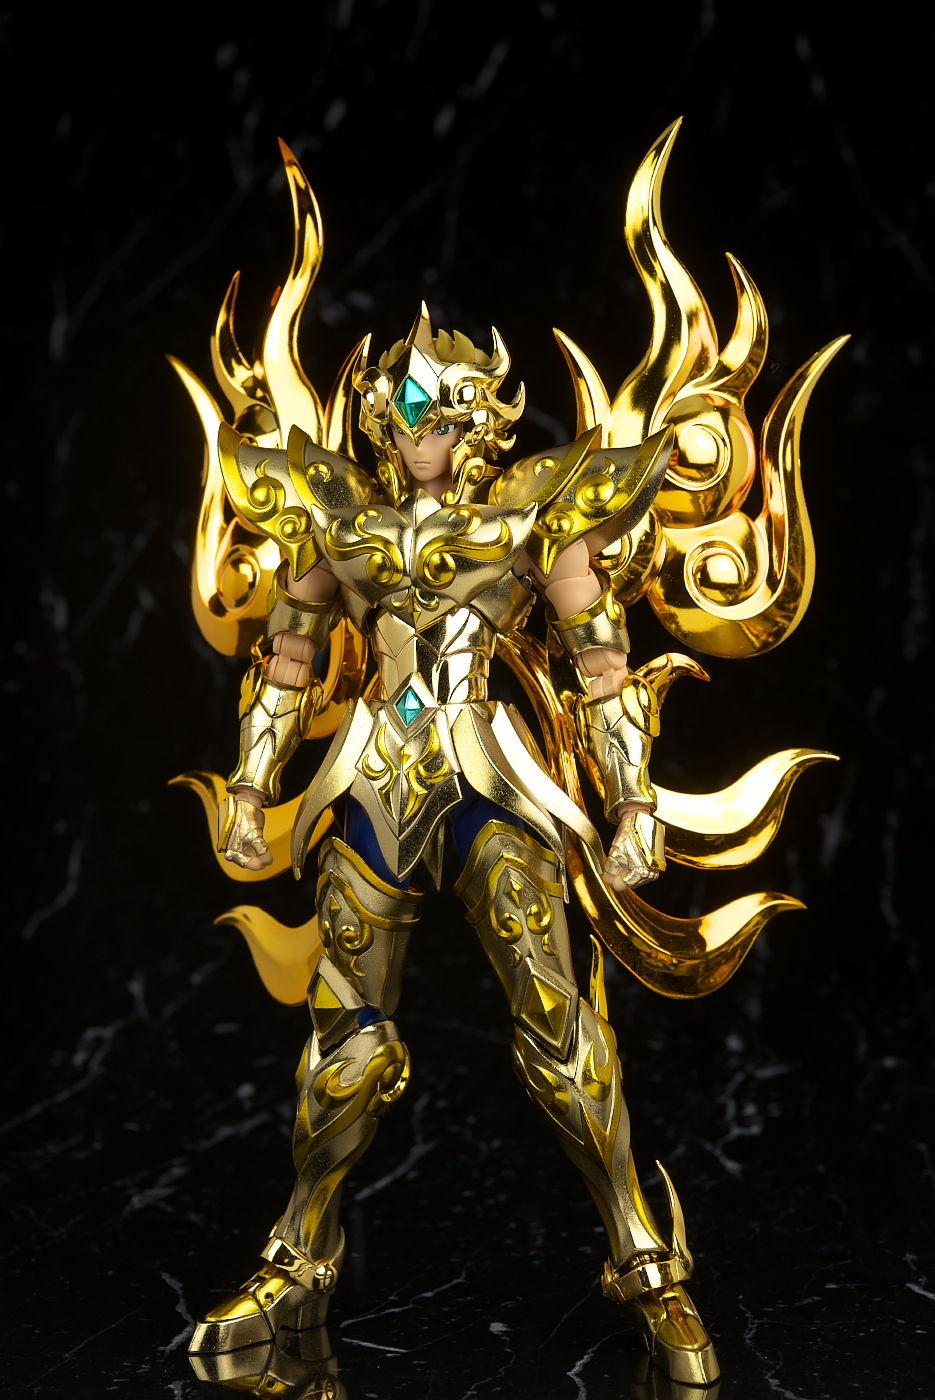 [Comentários] Saint Cloth Myth EX - Soul of Gold Aiolia de Leão - Página 9 5pRF5gzr